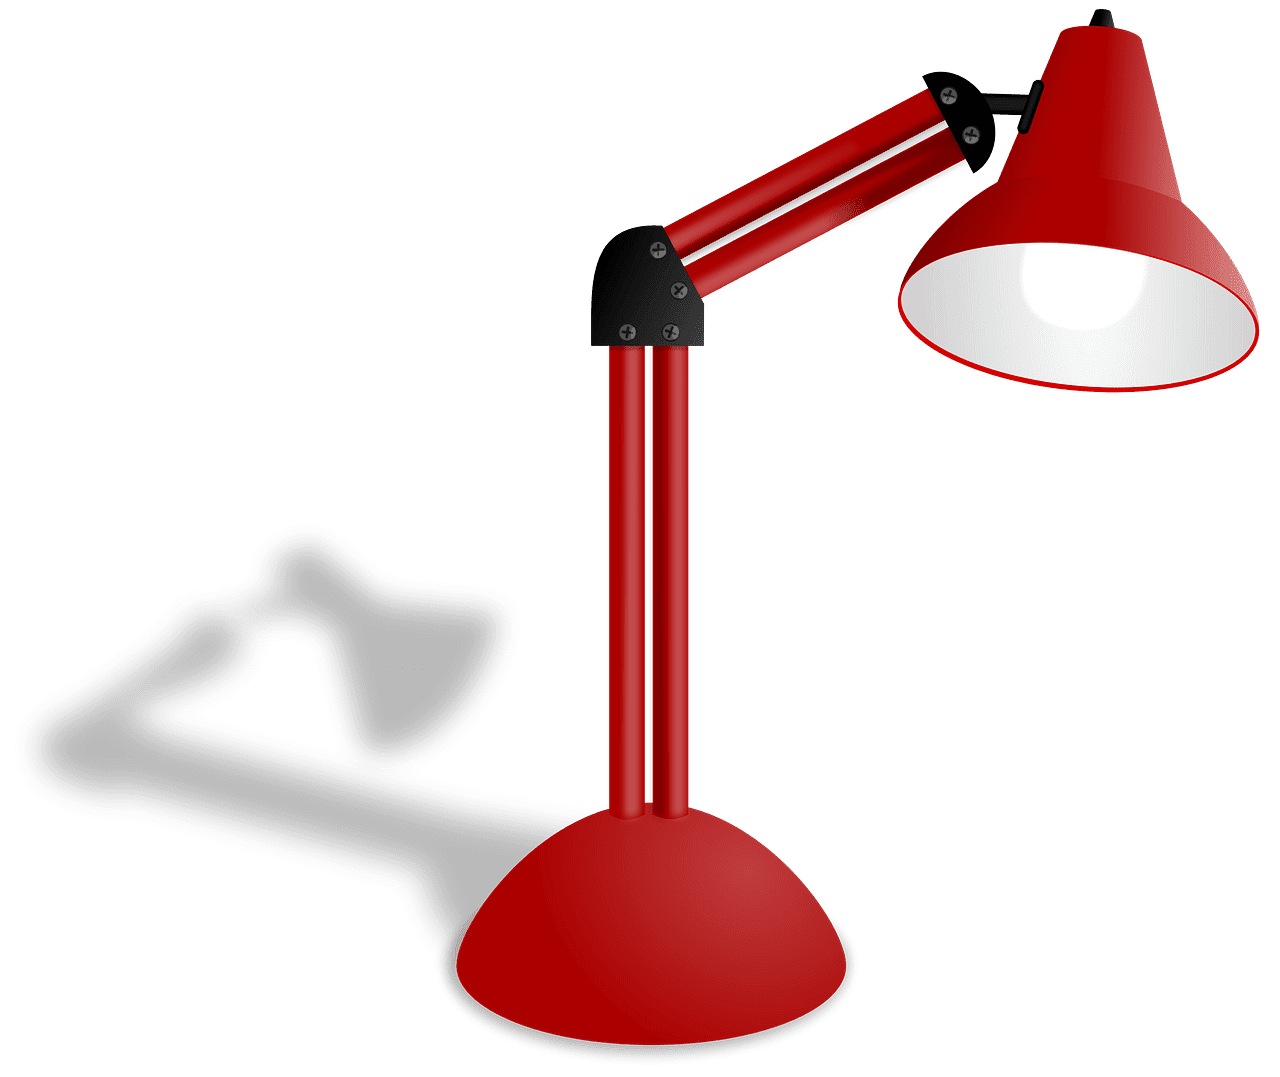 Desk Lamp clipart transparent